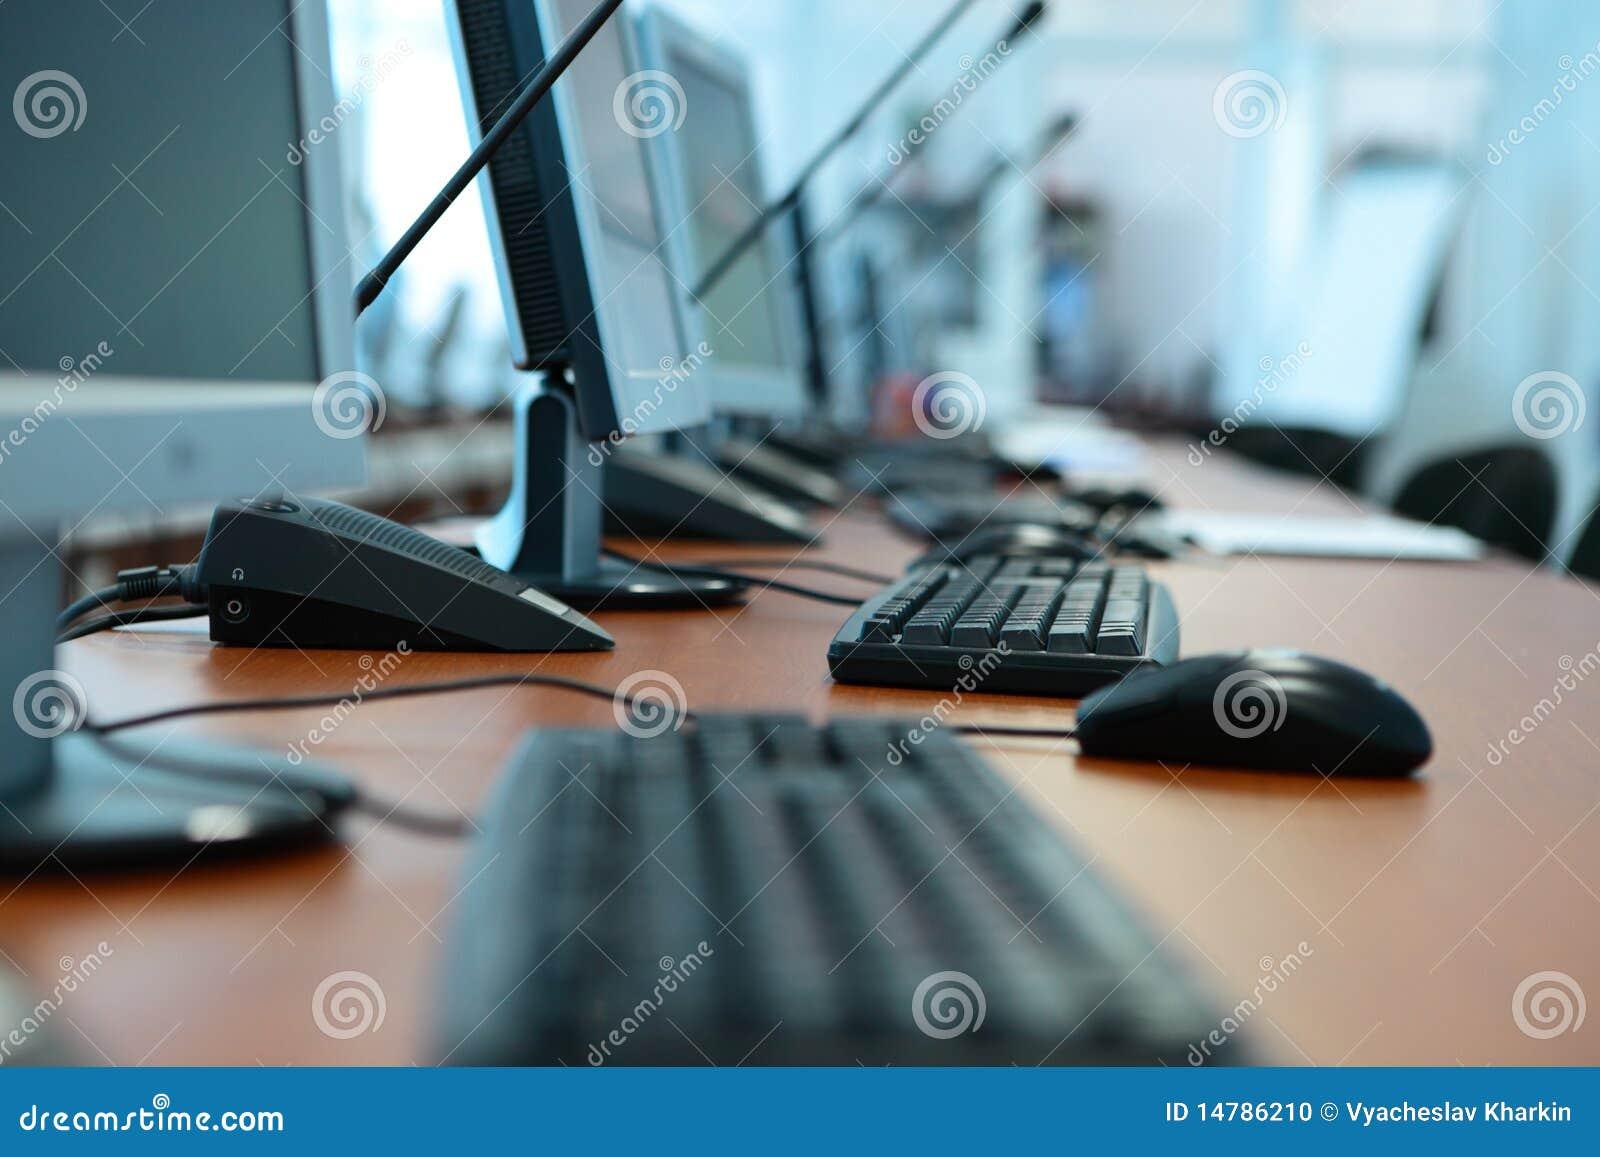 Ordenadores vectores el teclado en la oficina foto de for Ordenadores para oficina